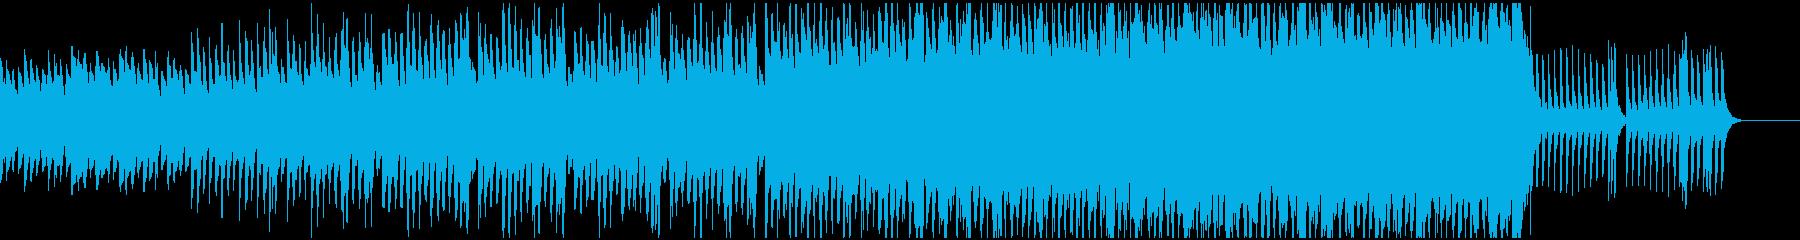 入場をイメージした和曲の再生済みの波形